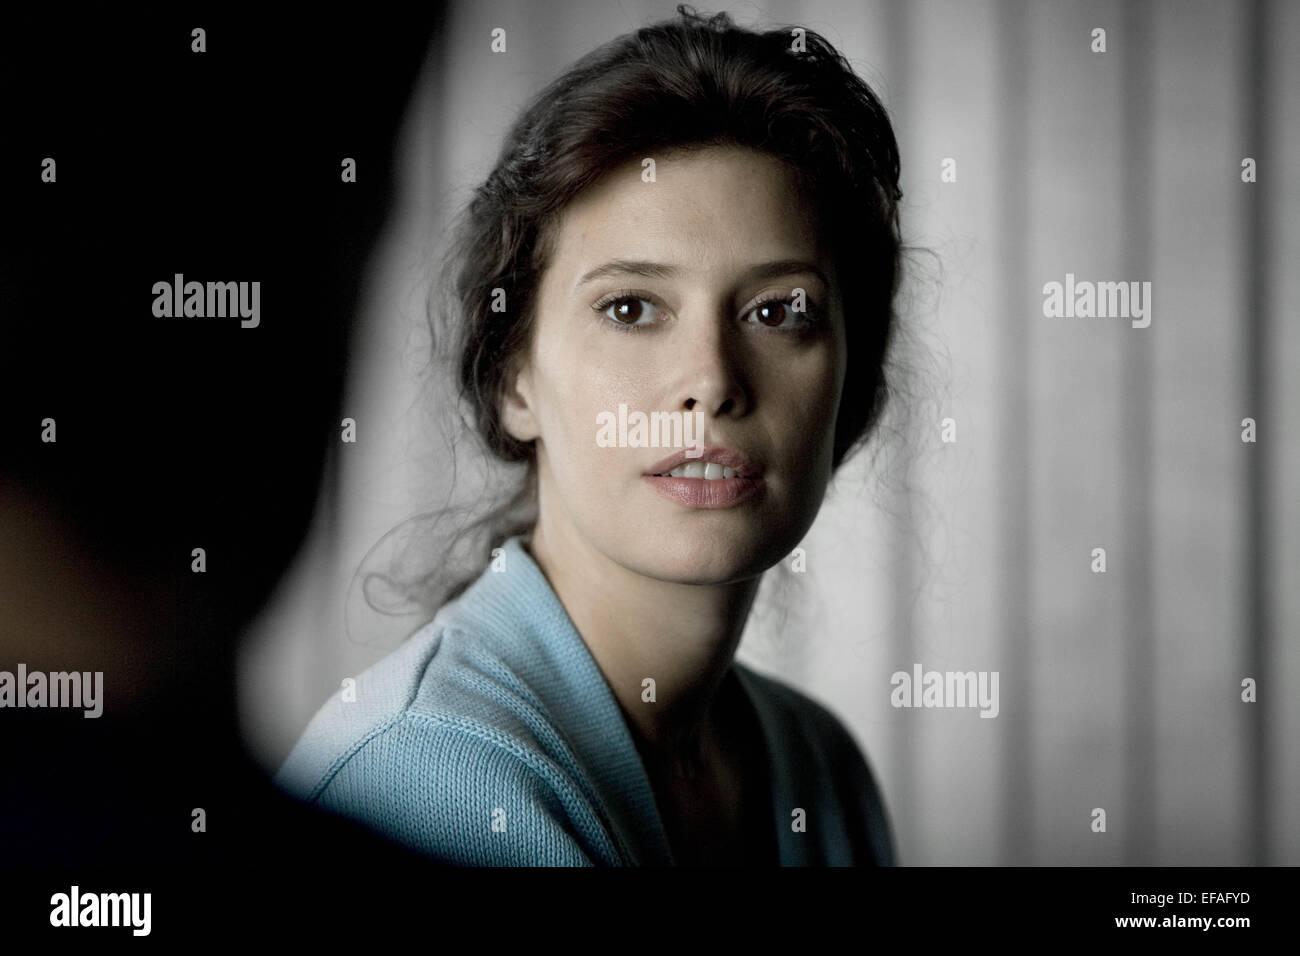 ANGIE CEPEDA El mal ajeno (2010) Photo Stock